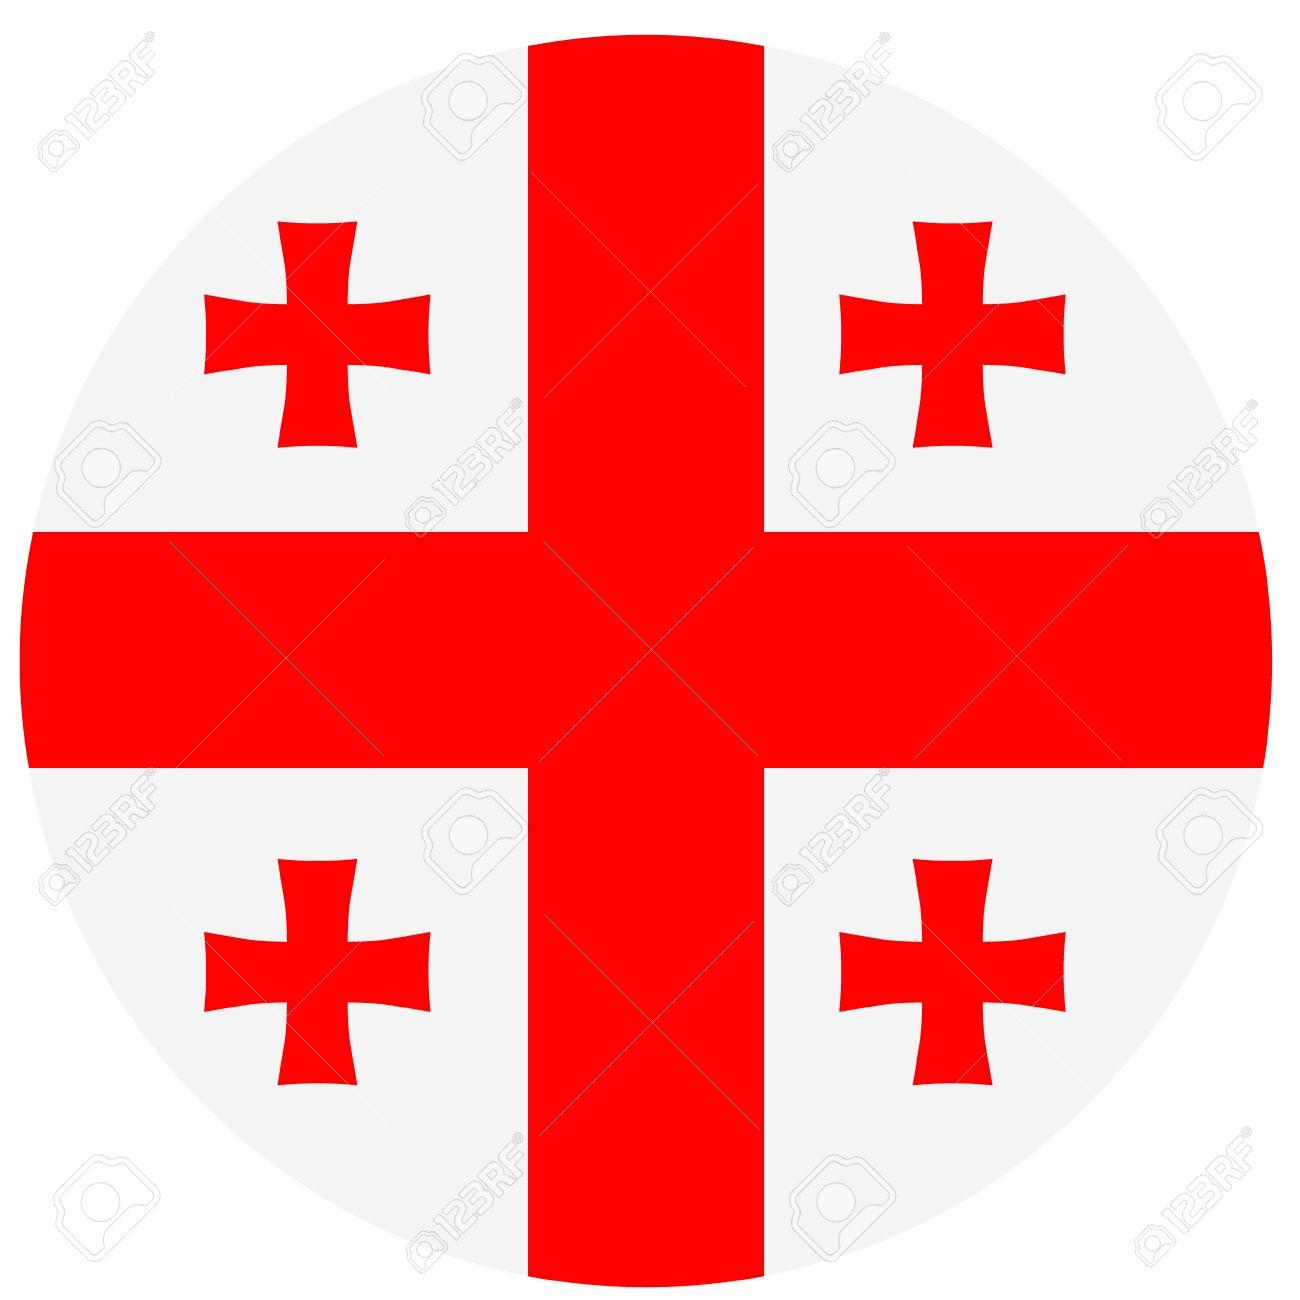 Drapeau Rond vector illustration drapeau rond de la géorgie pays. drapeau